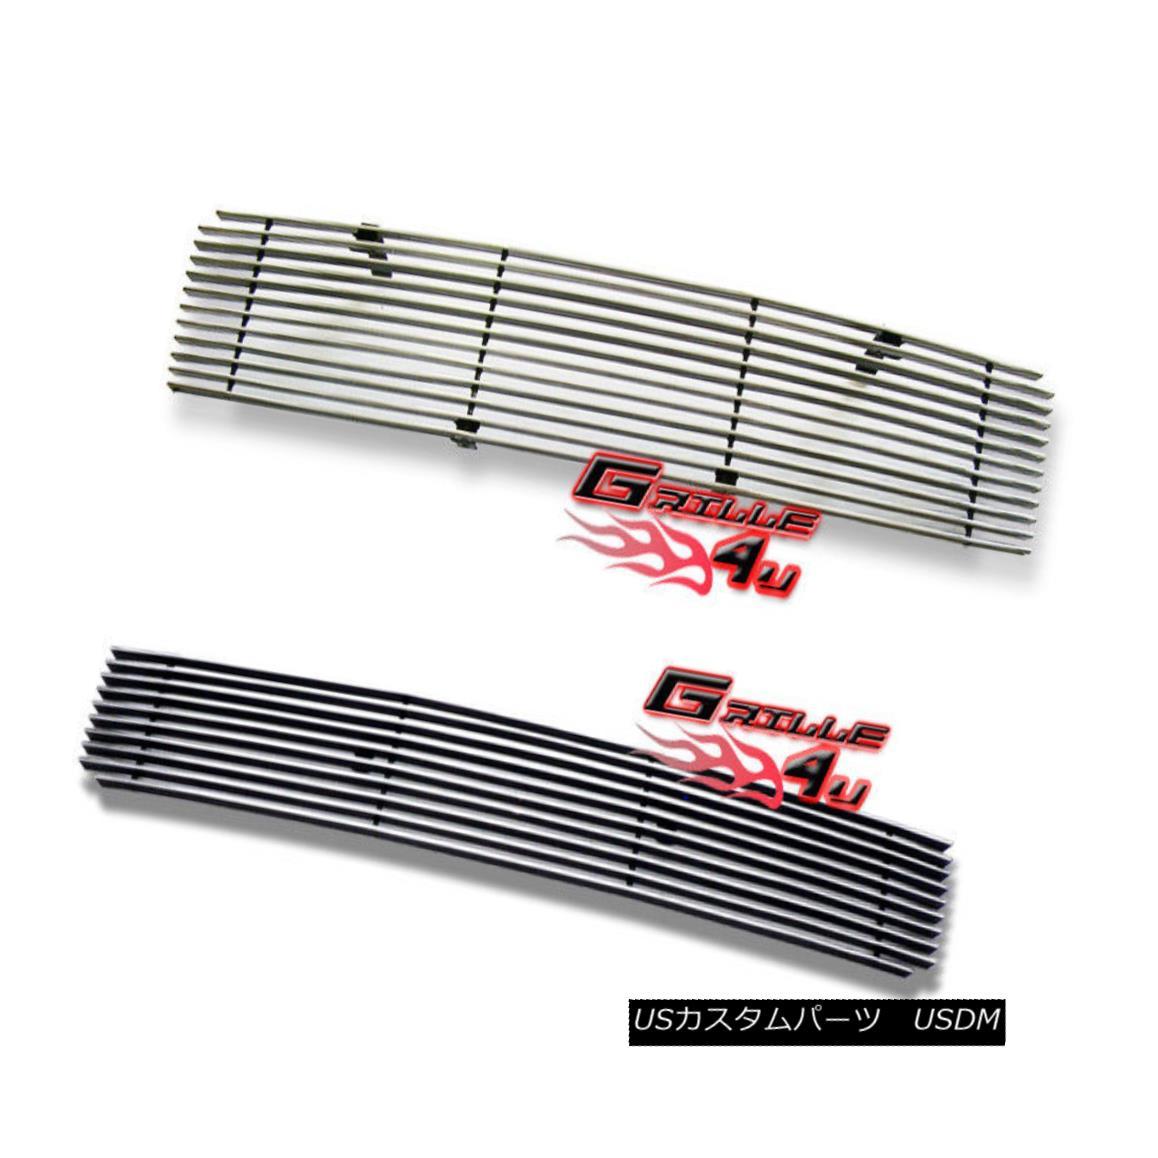 グリル Customized For 08-10 Scion XB Billet Premium Grille Combo Insert 08-10サイオンXBビレットプレミアムグリルコンボインサート用にカスタマイズ